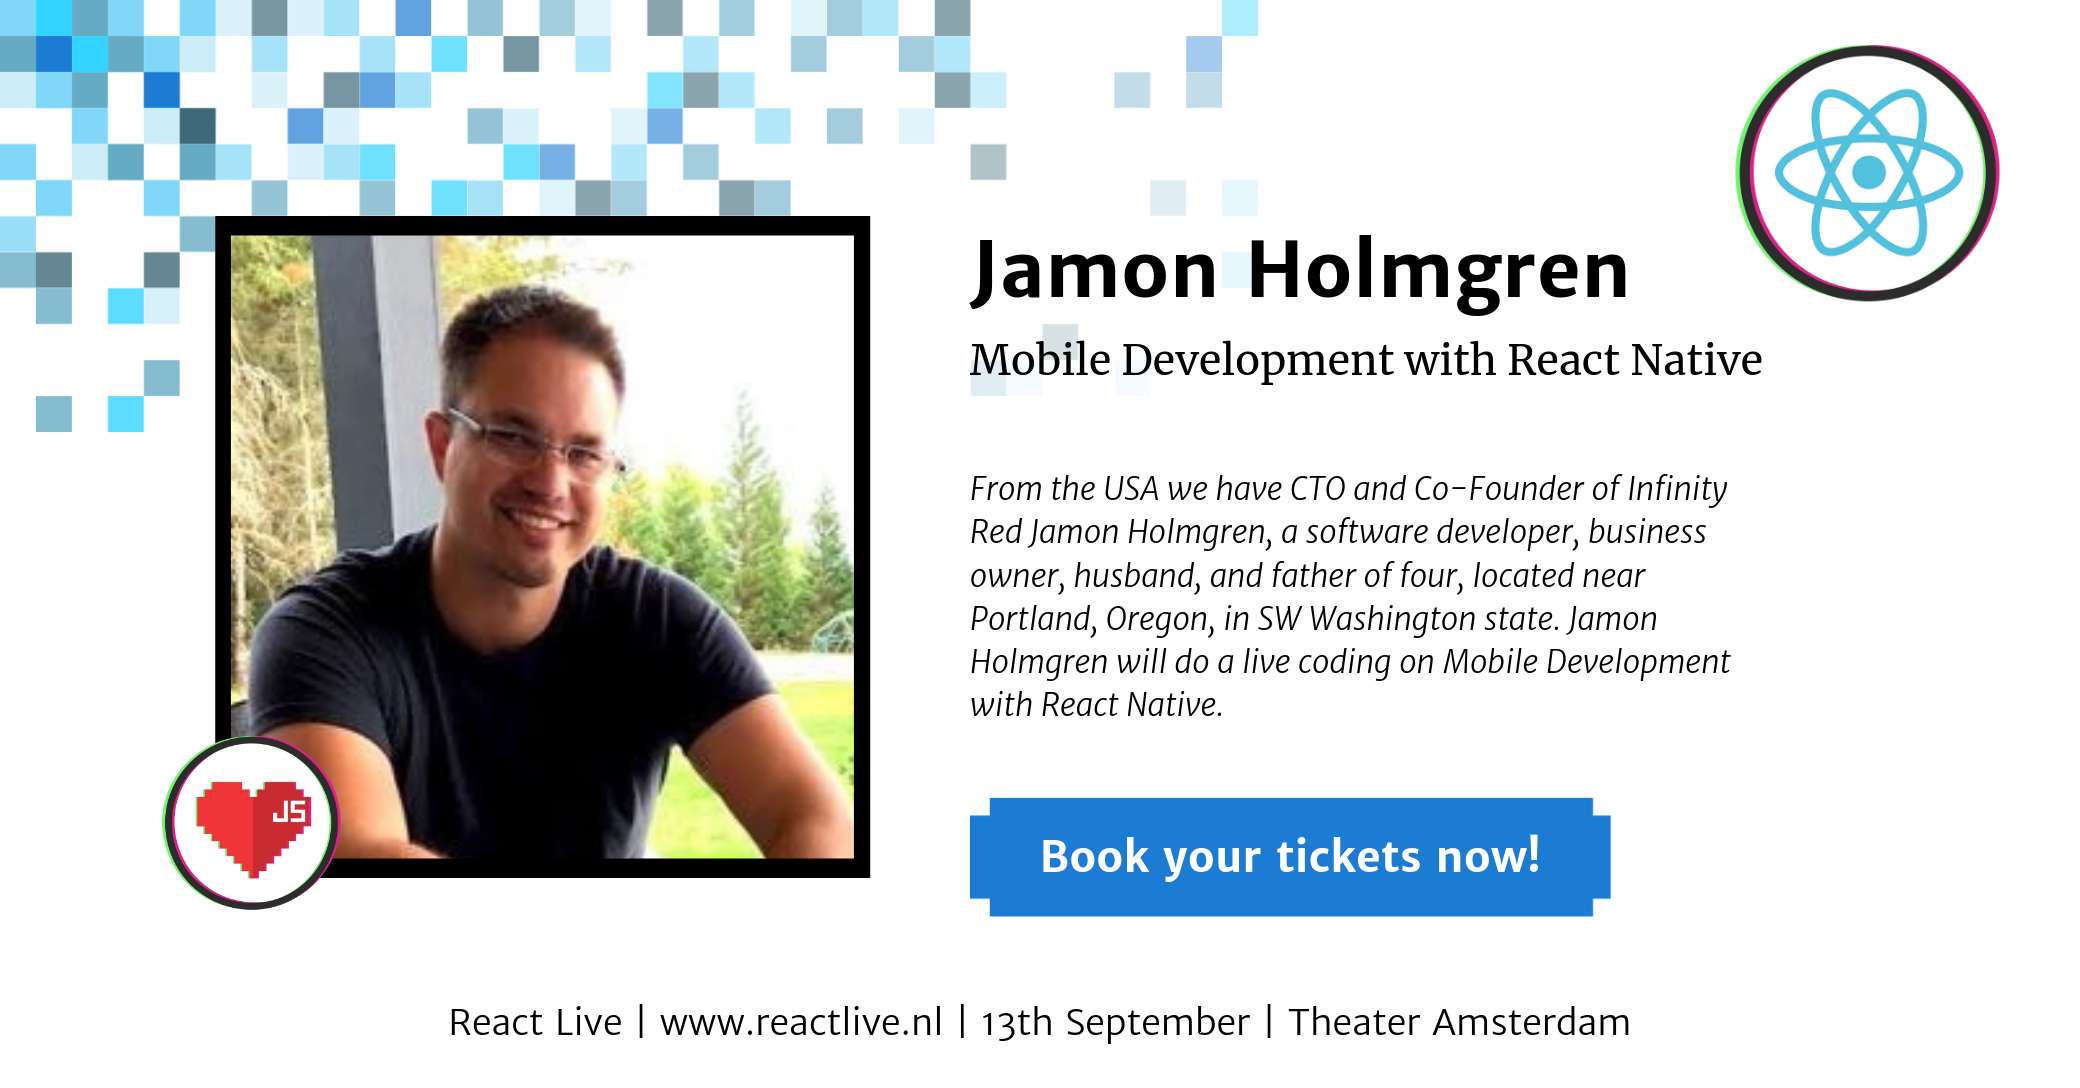 Jamon Holmgren at React Live